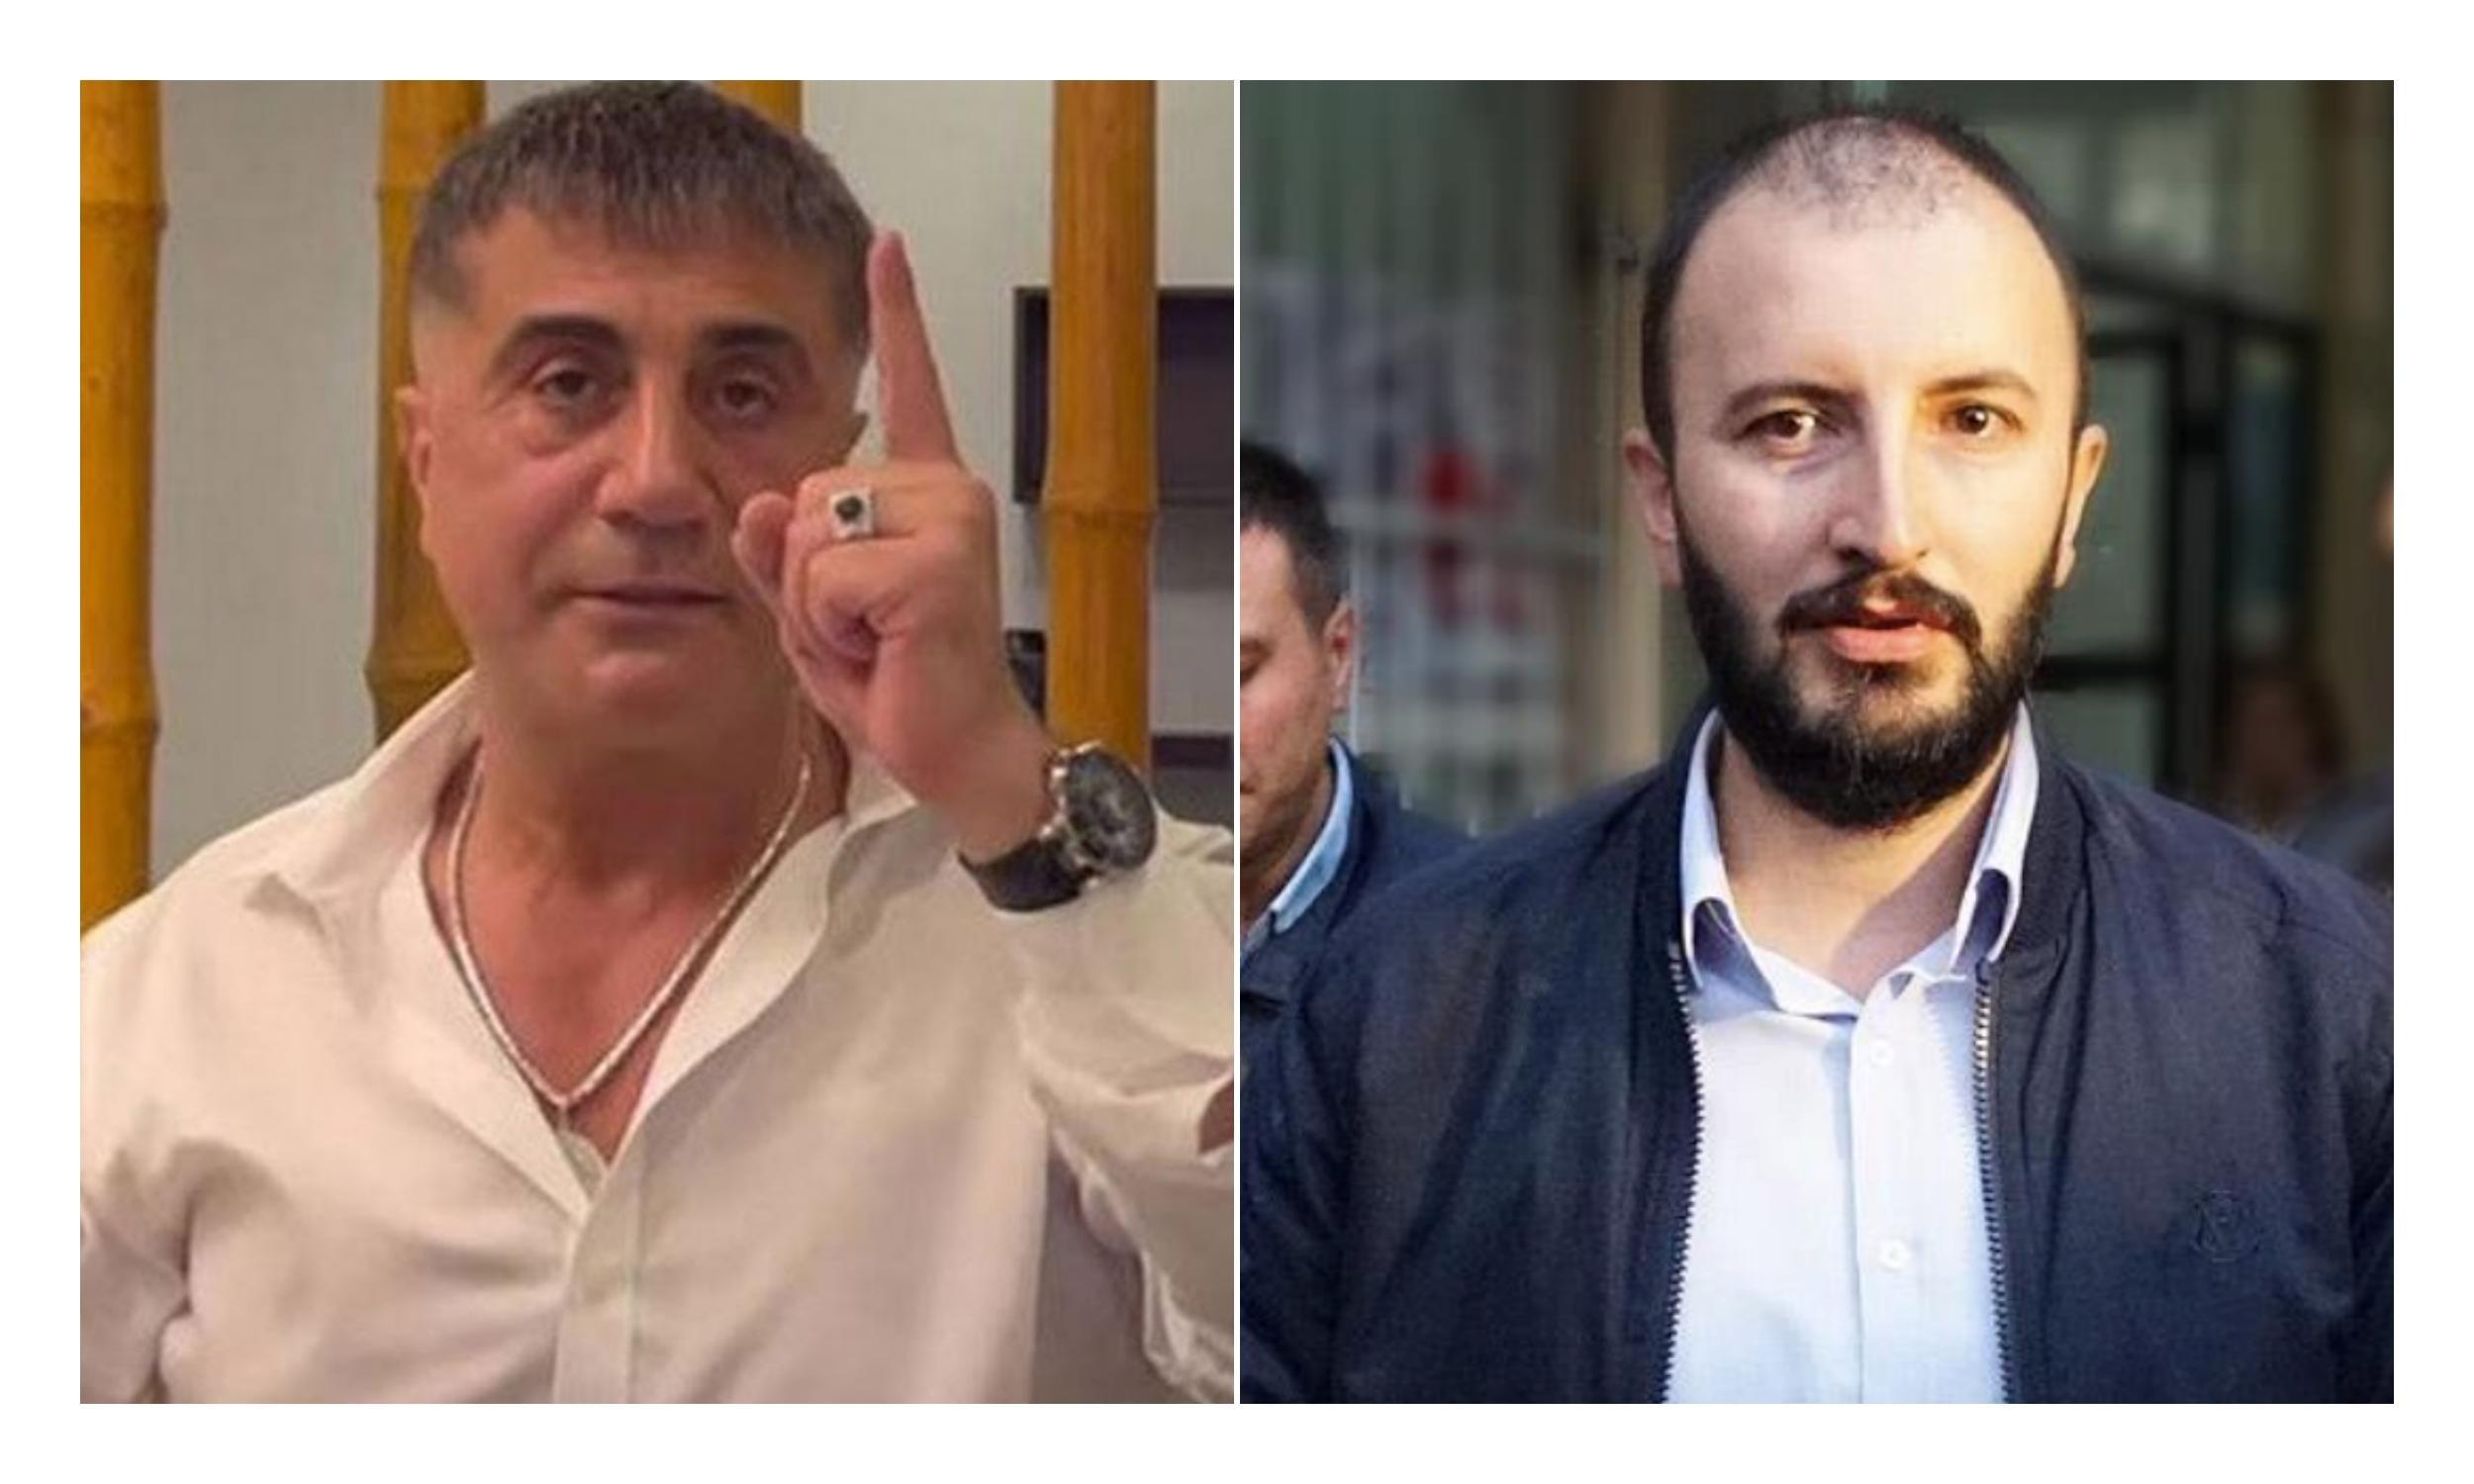 Sedat Peker, Cevheri Güven Hakkında Konuşacağını Açıkladı: 'Söyleyeceklerim Onu Pek Mutlu Etmeyecek'